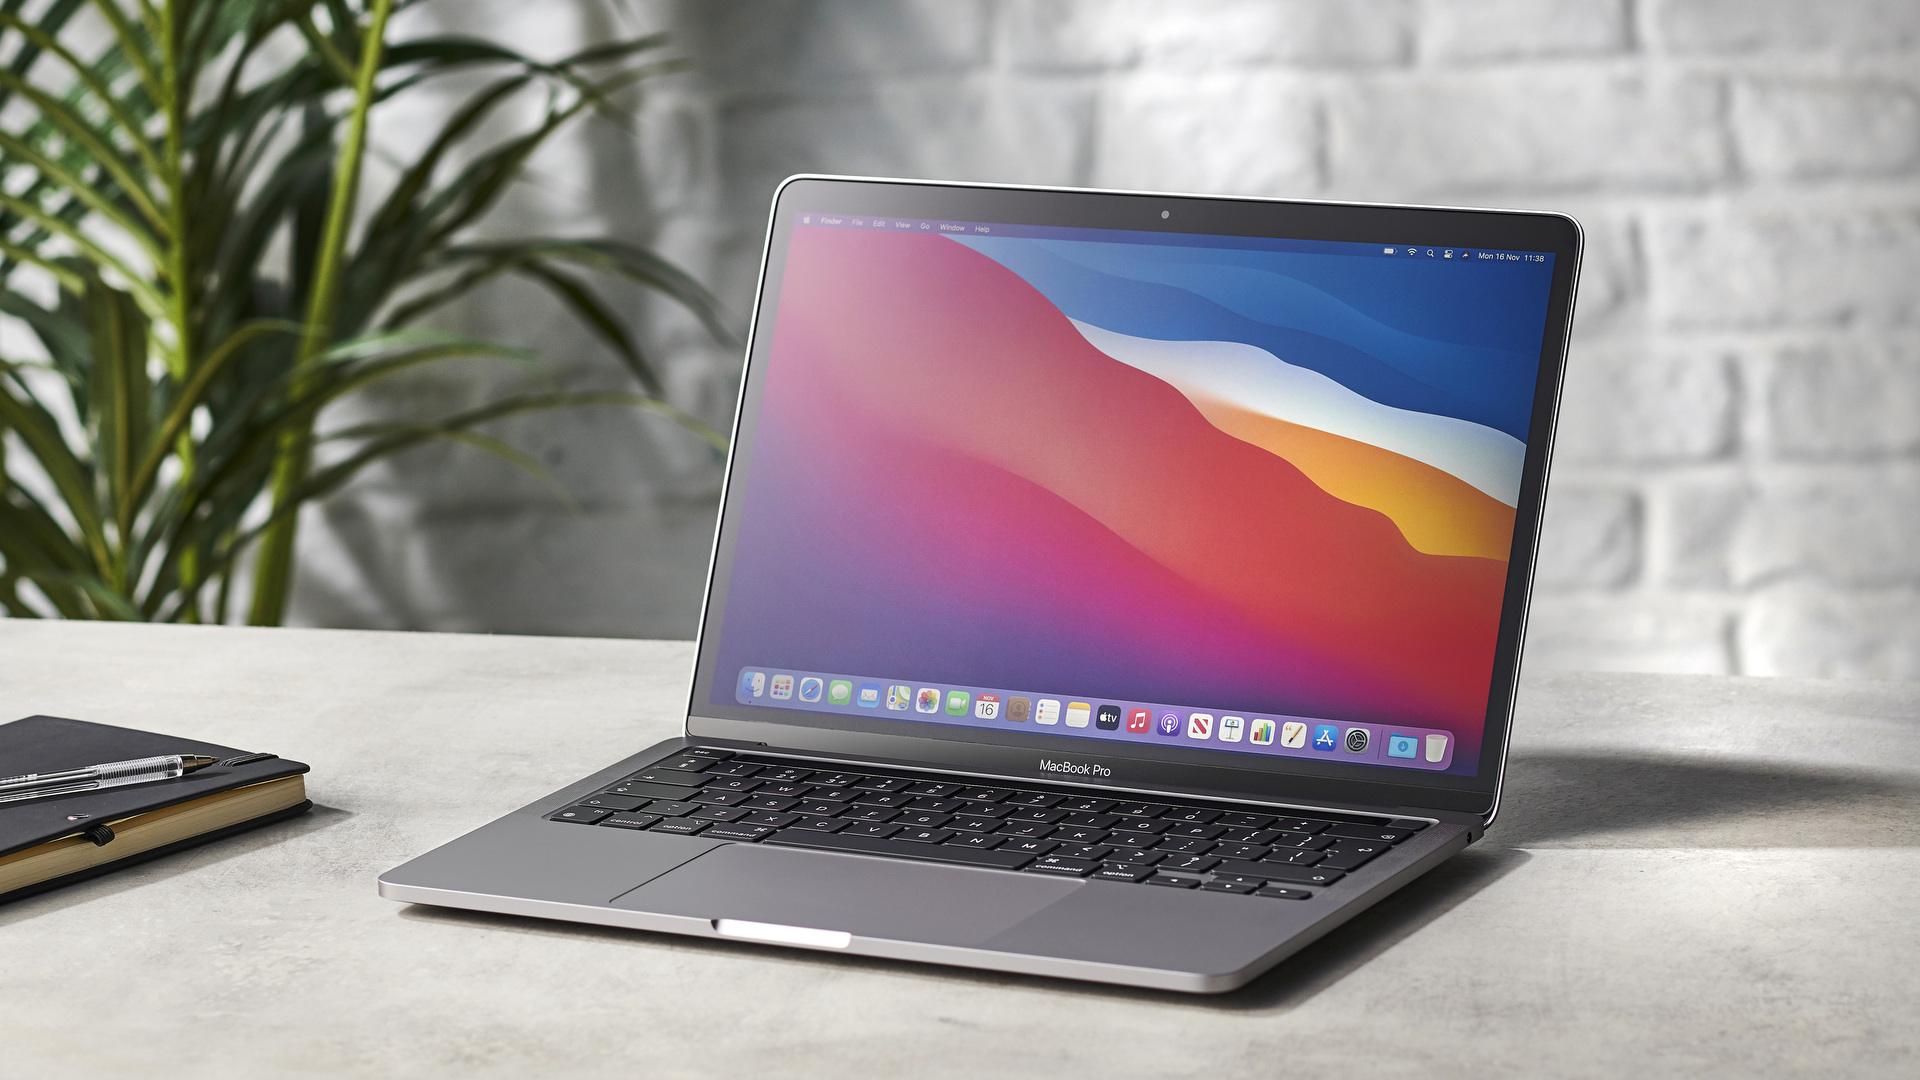 Giá trị của những chiếc máy tính Mac sẽ dần giảm đi trong năm 2021